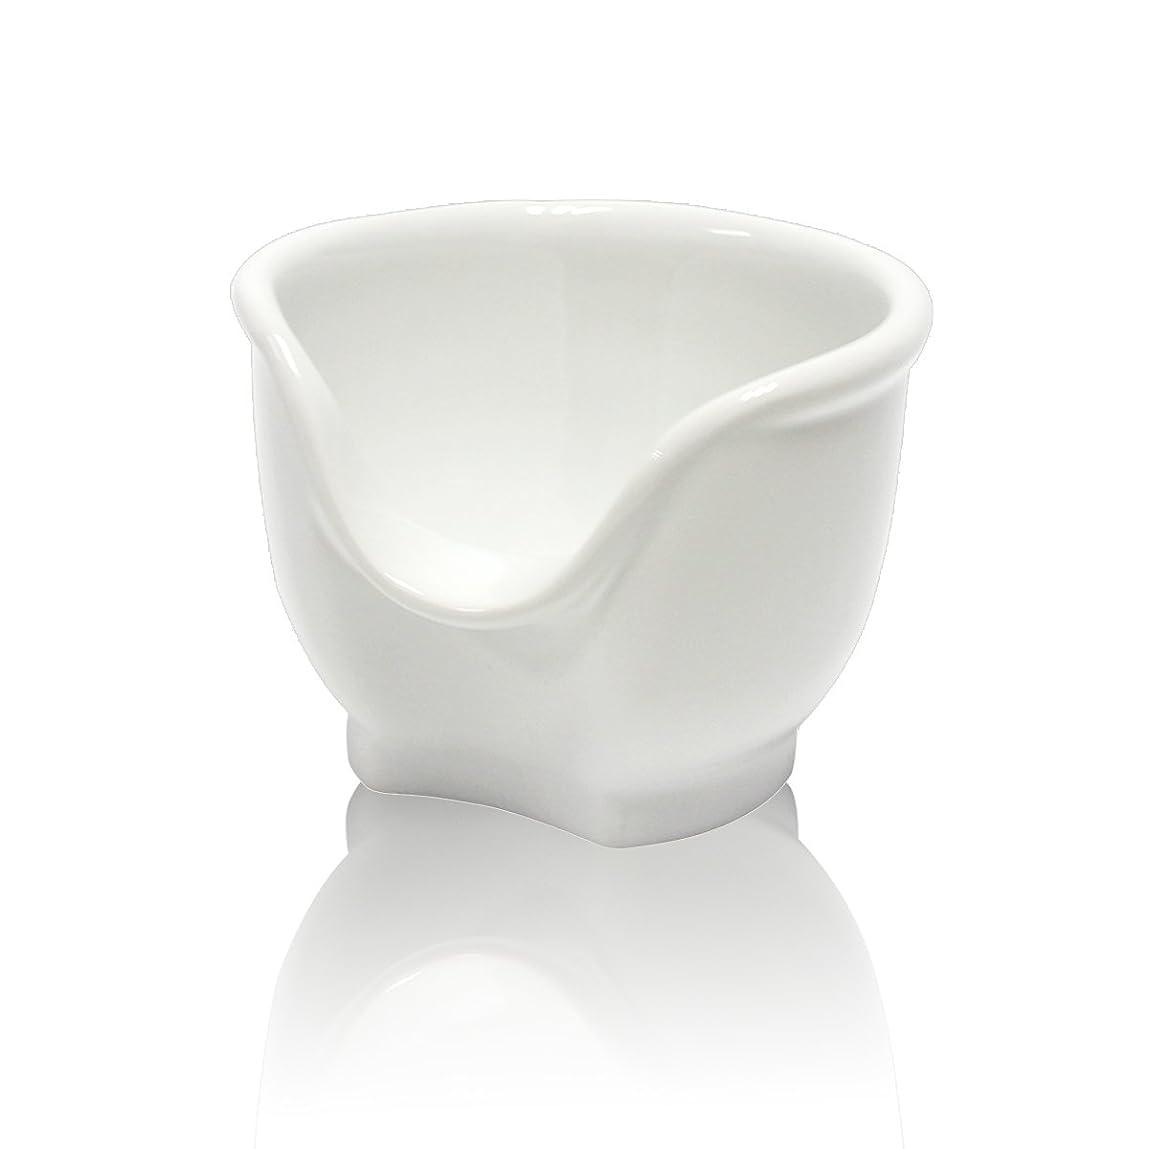 作ります感心する新着Signstek 磁器製シェービングカップ シェービングボウル 髭剃り石鹸カップ ホワイト